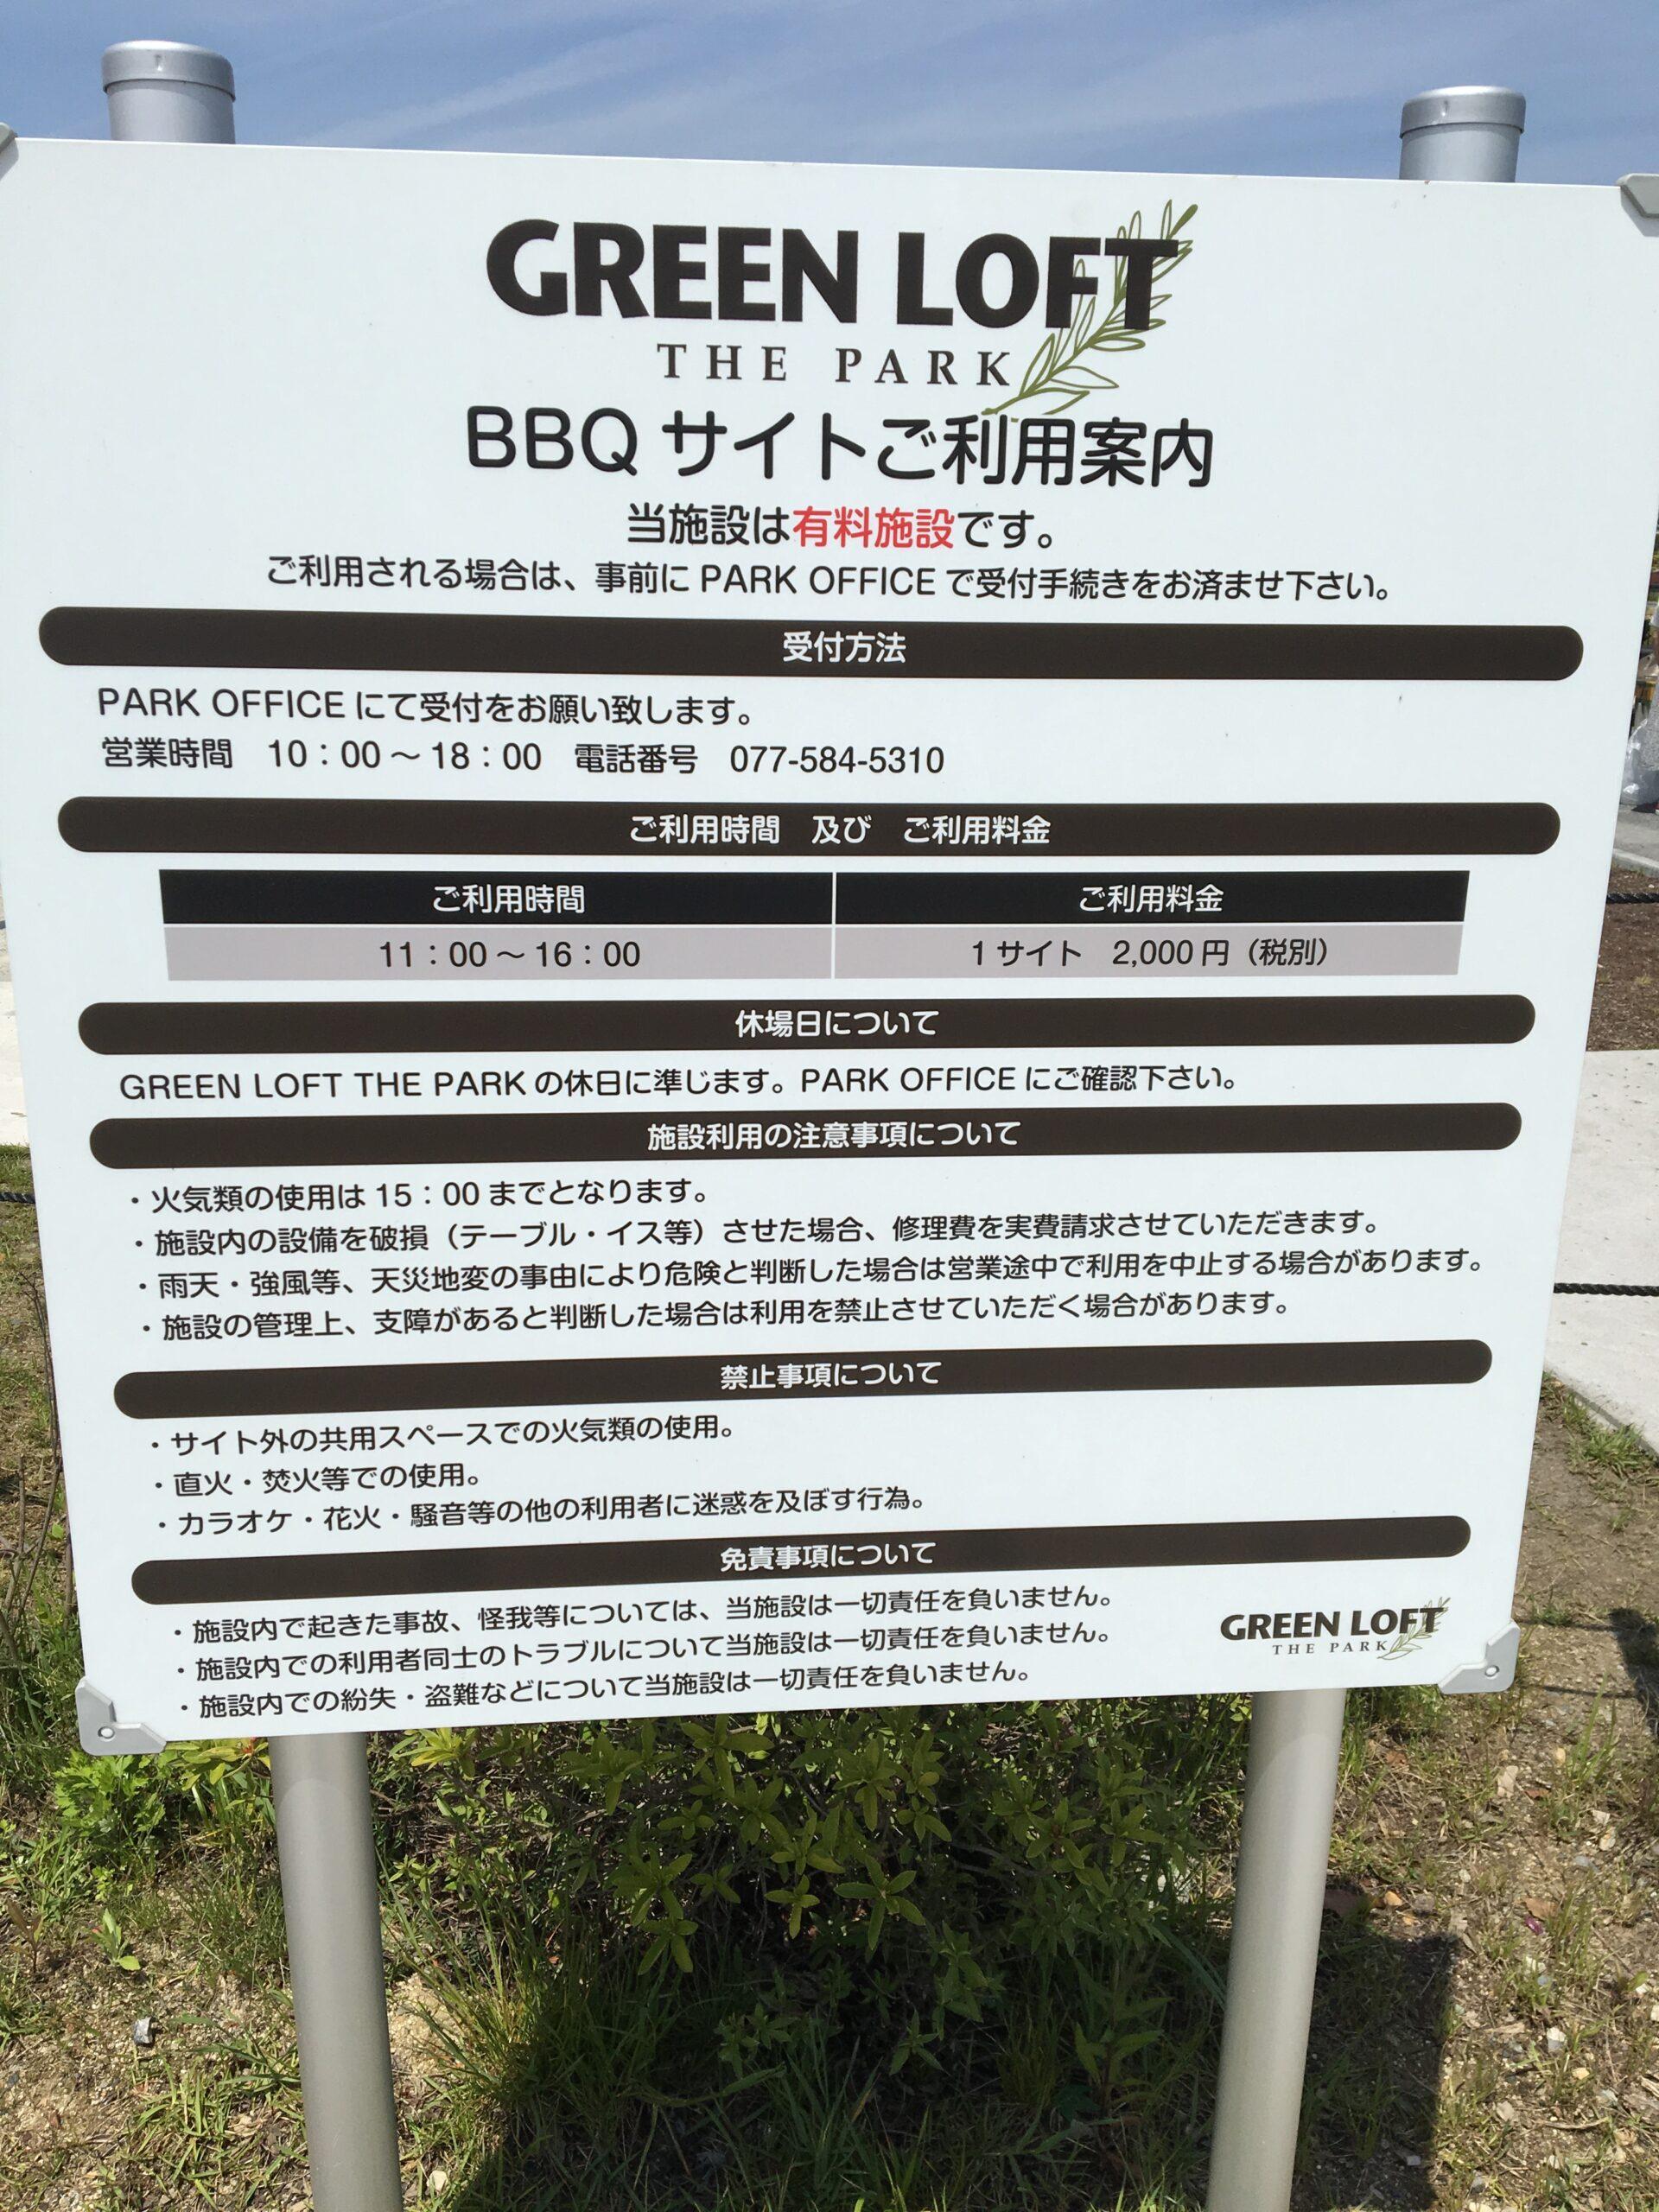 ai彩ひろばのBBQサイトご利用案内画像